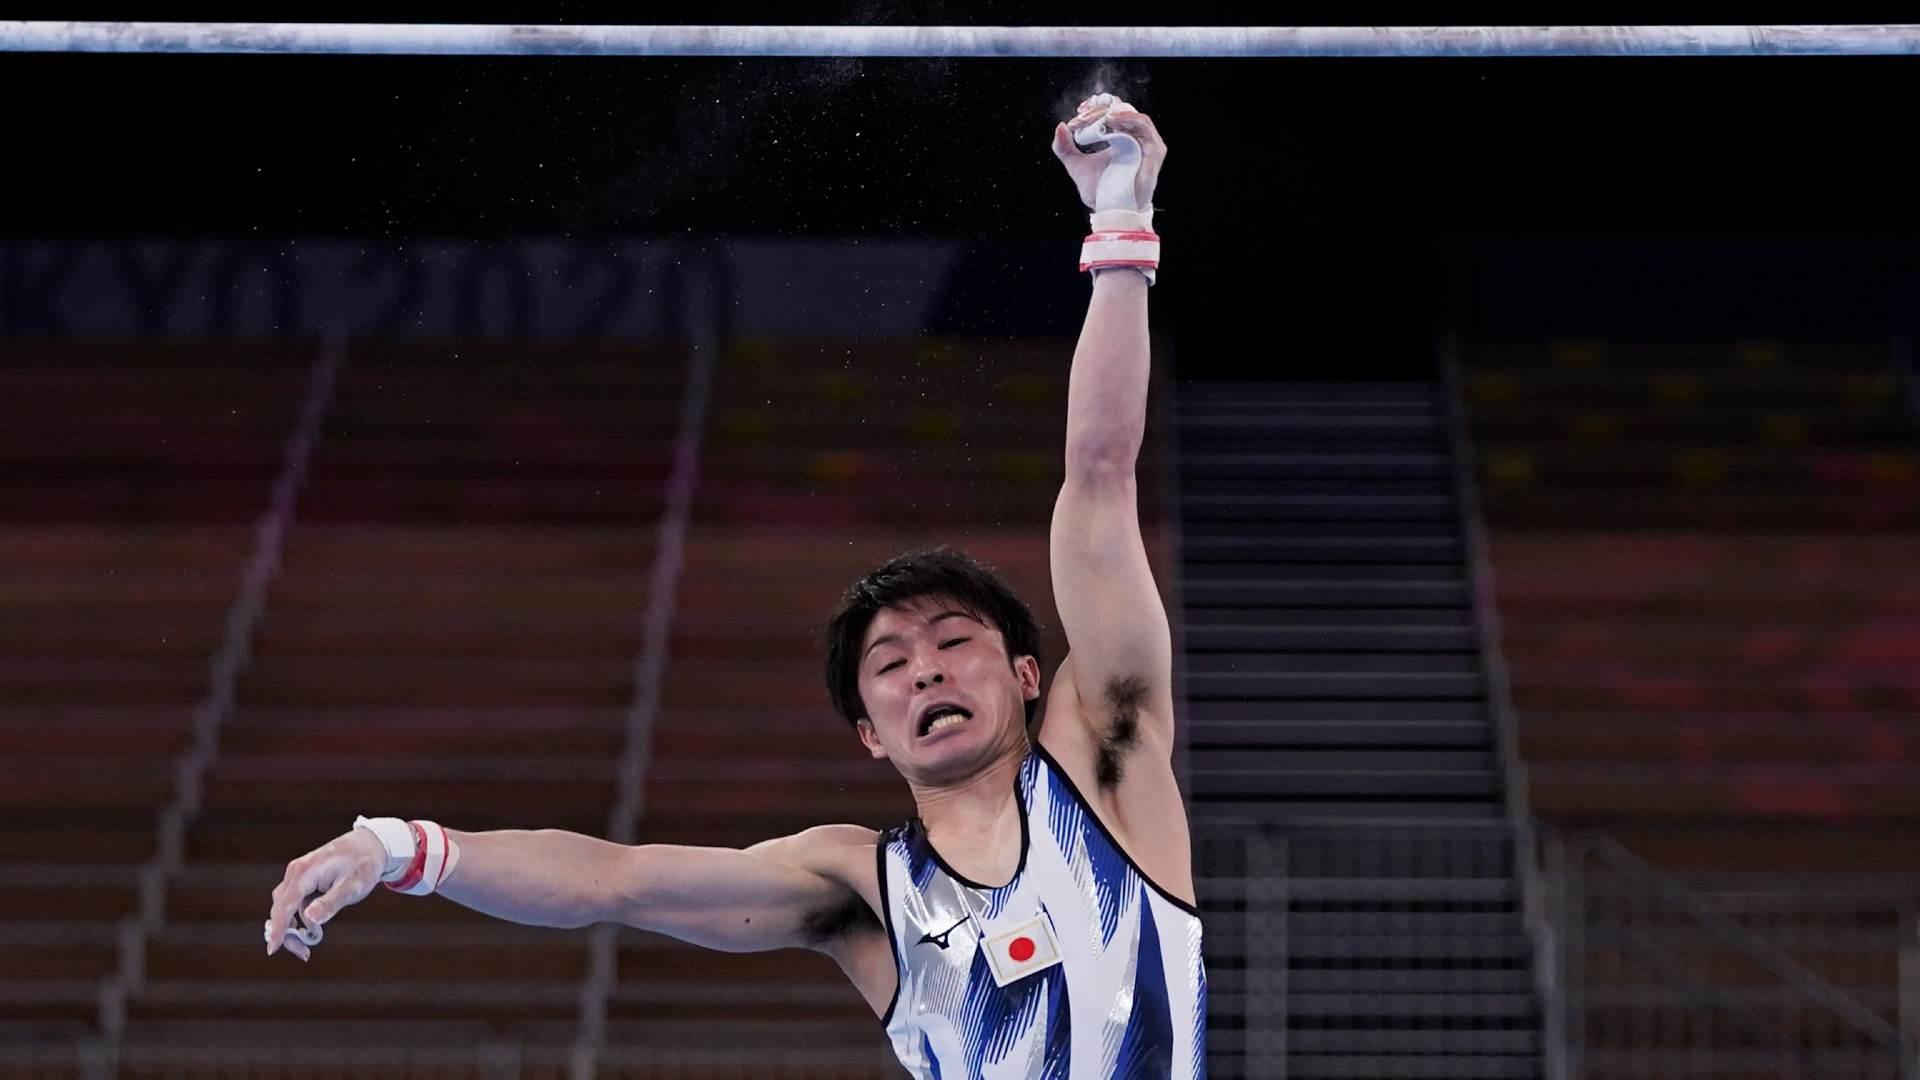 Kohei Uchimura caiu e não chegou às finais neste sábado (24)(24/07/2020)